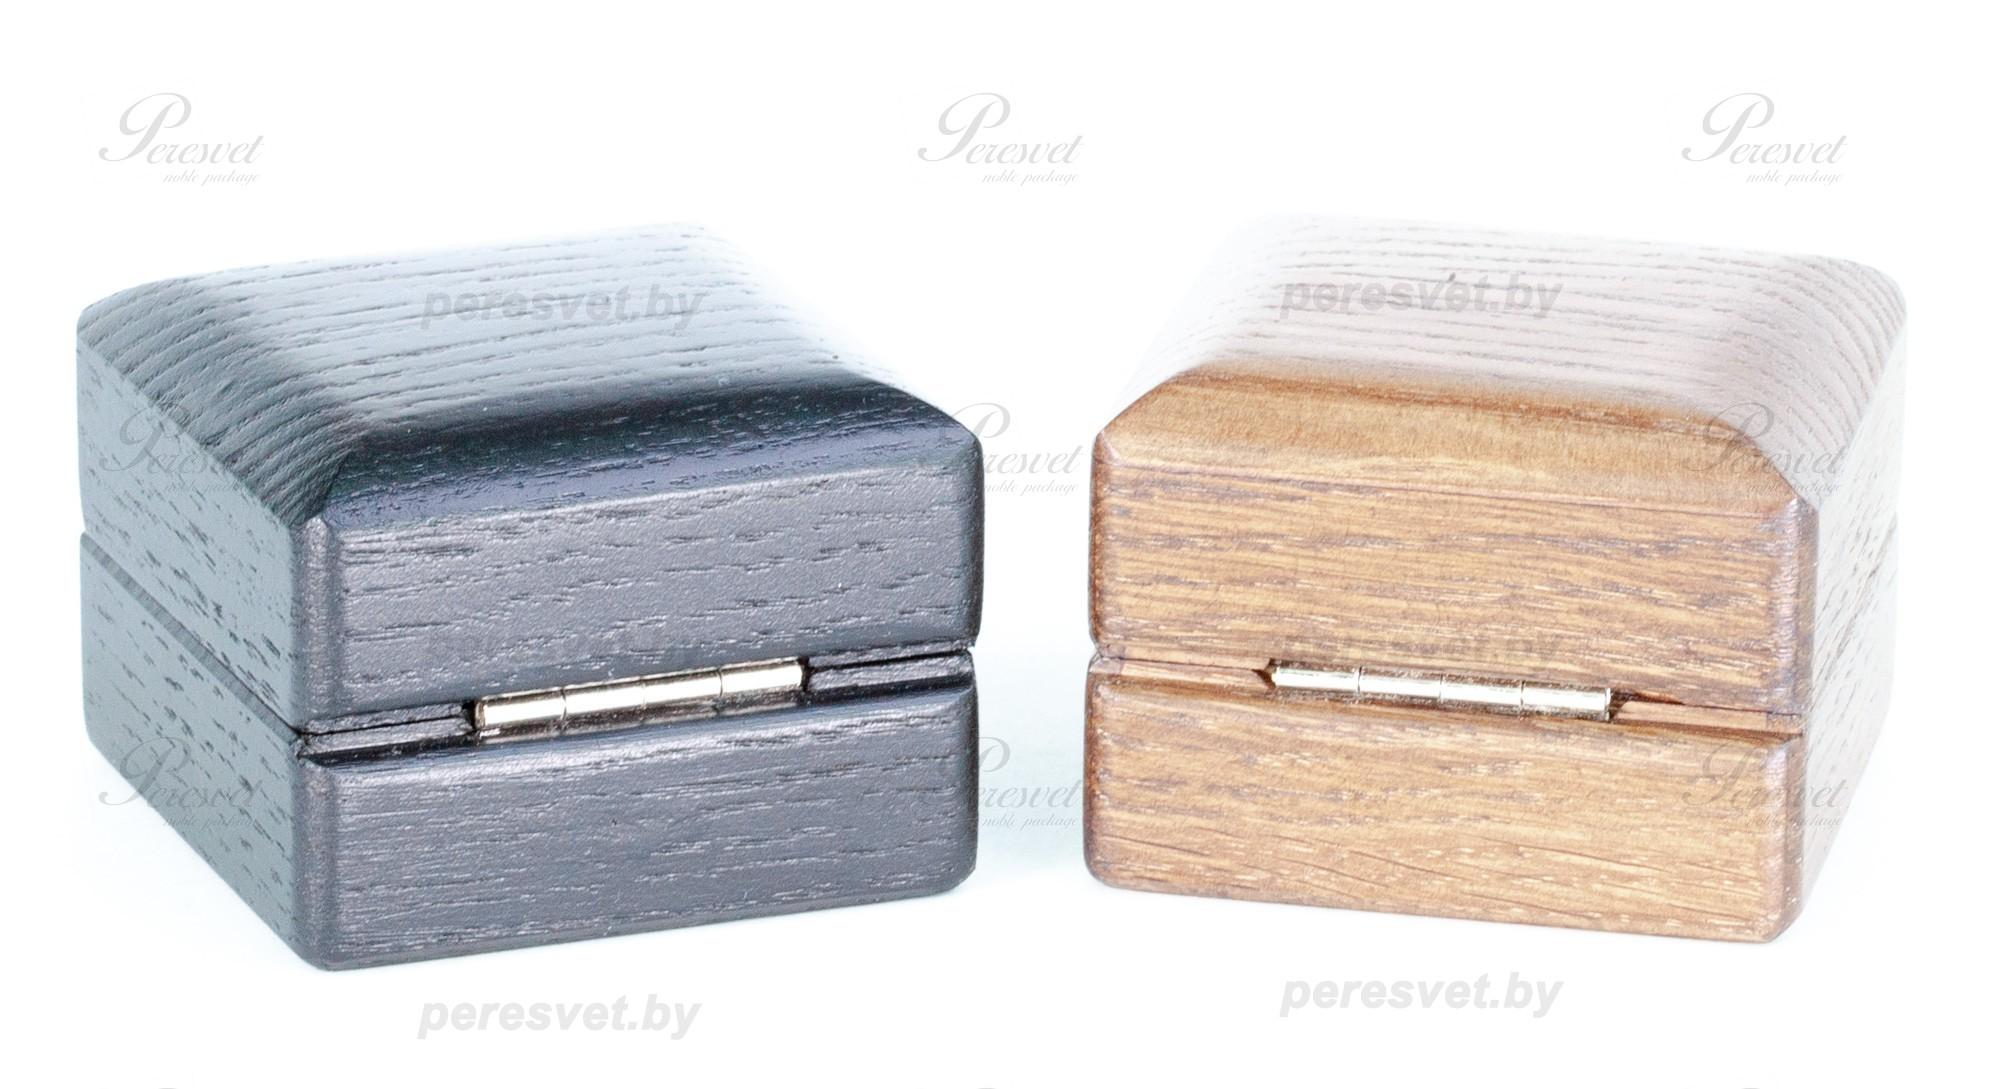 Дубовая коробка для почетных наград на петле на peresvet.by